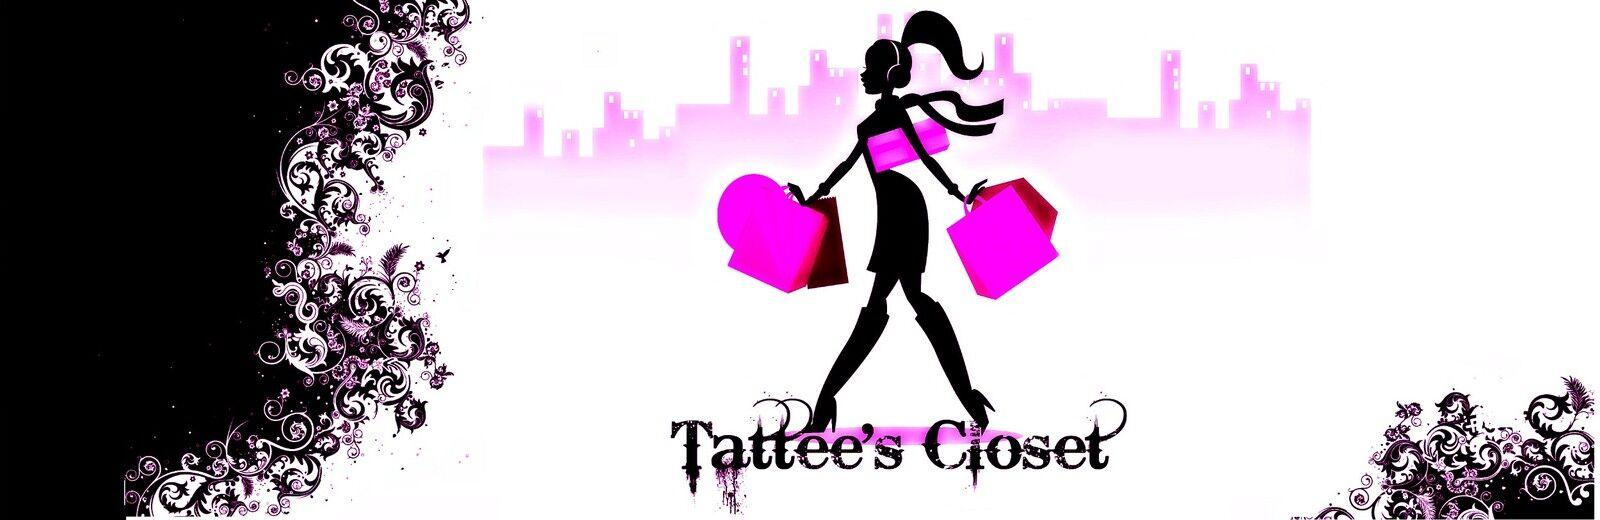 Tattee's Closet